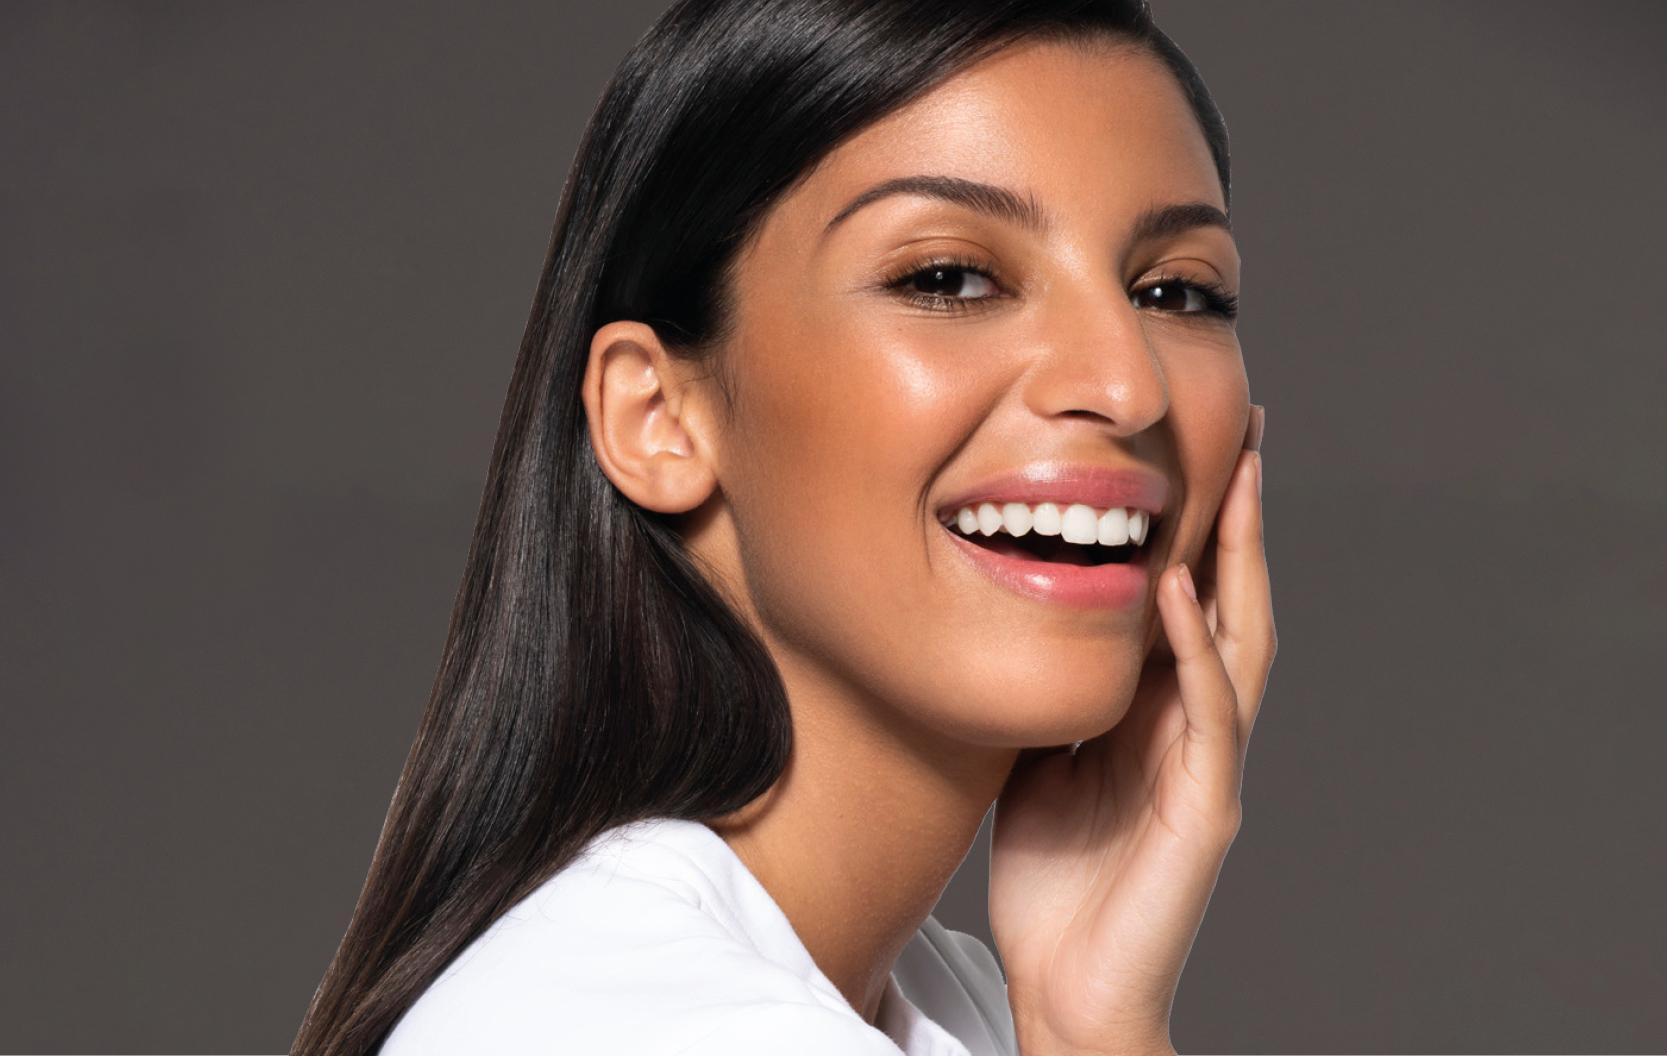 Woman after Facial